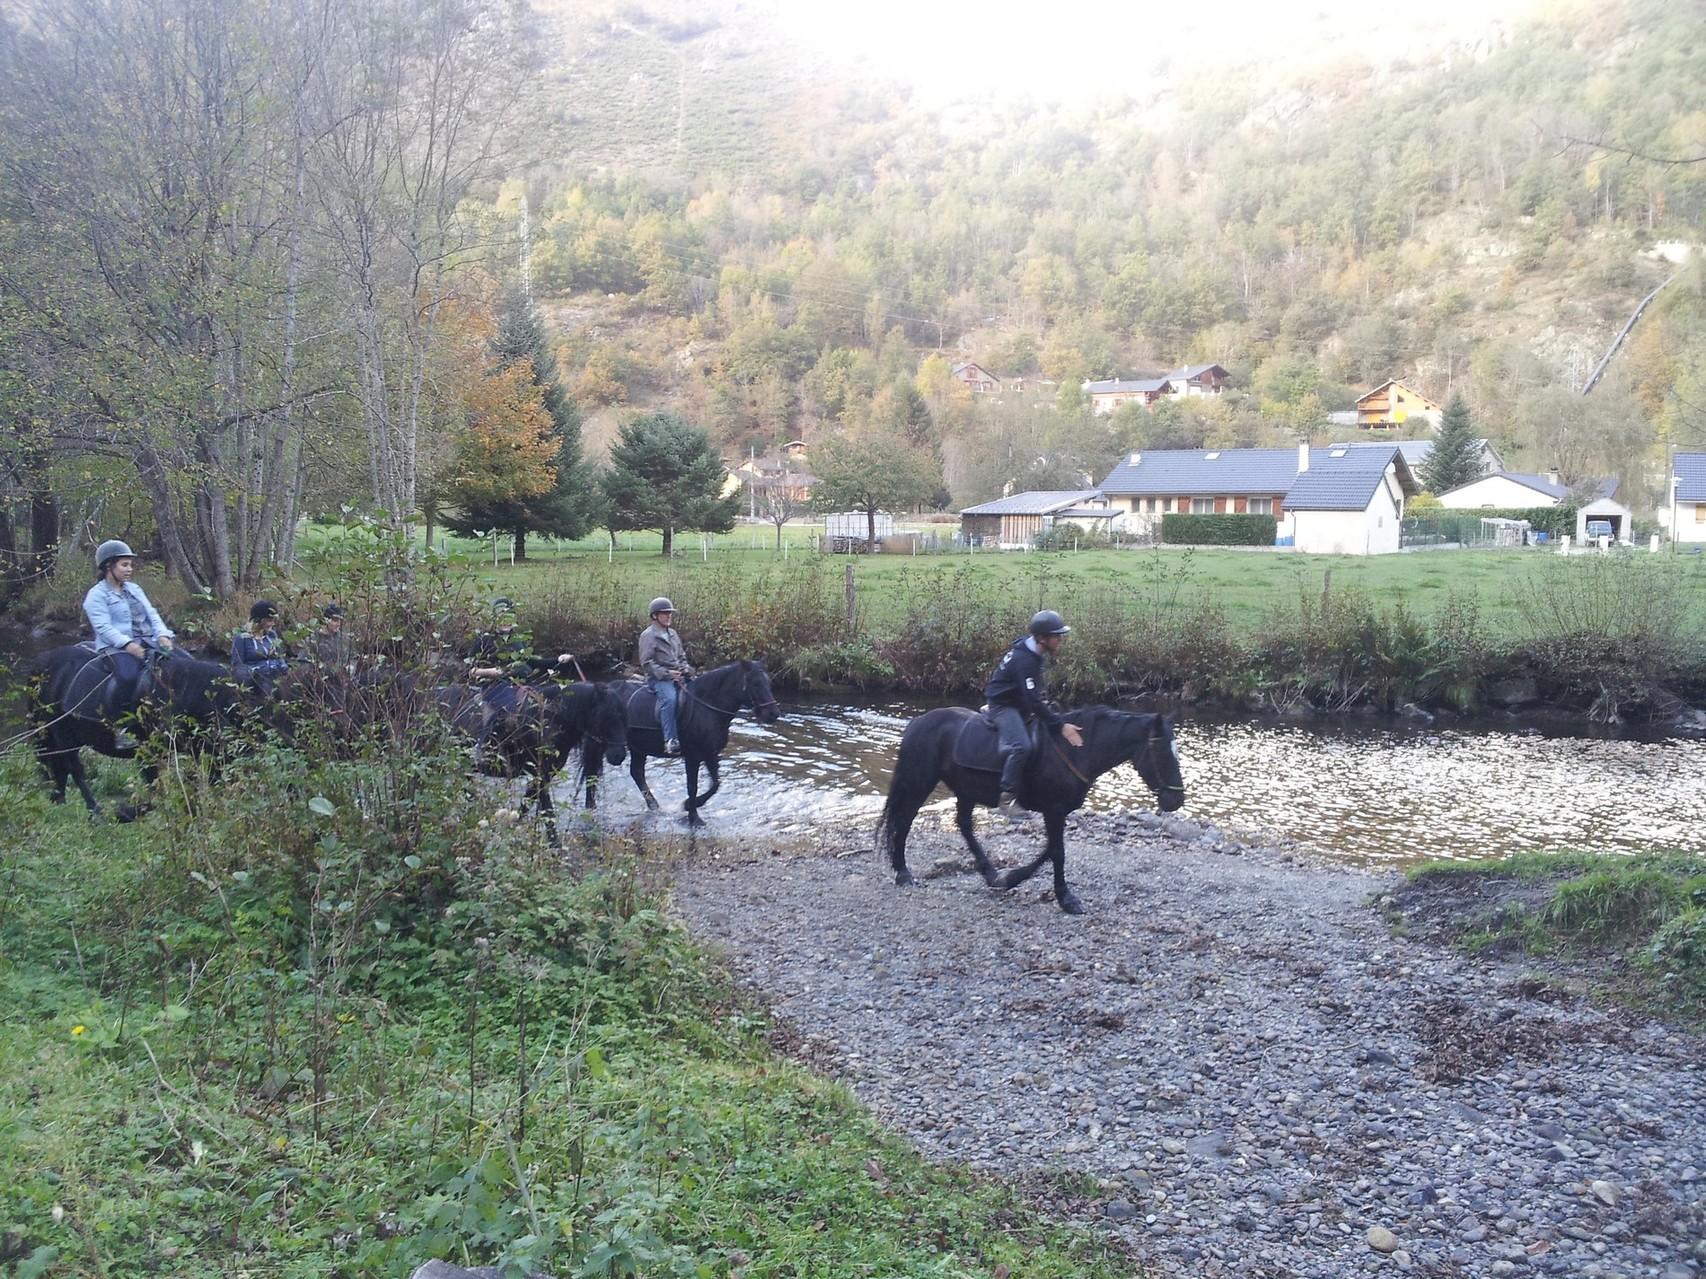 Balades à cheval passage dans l'eau